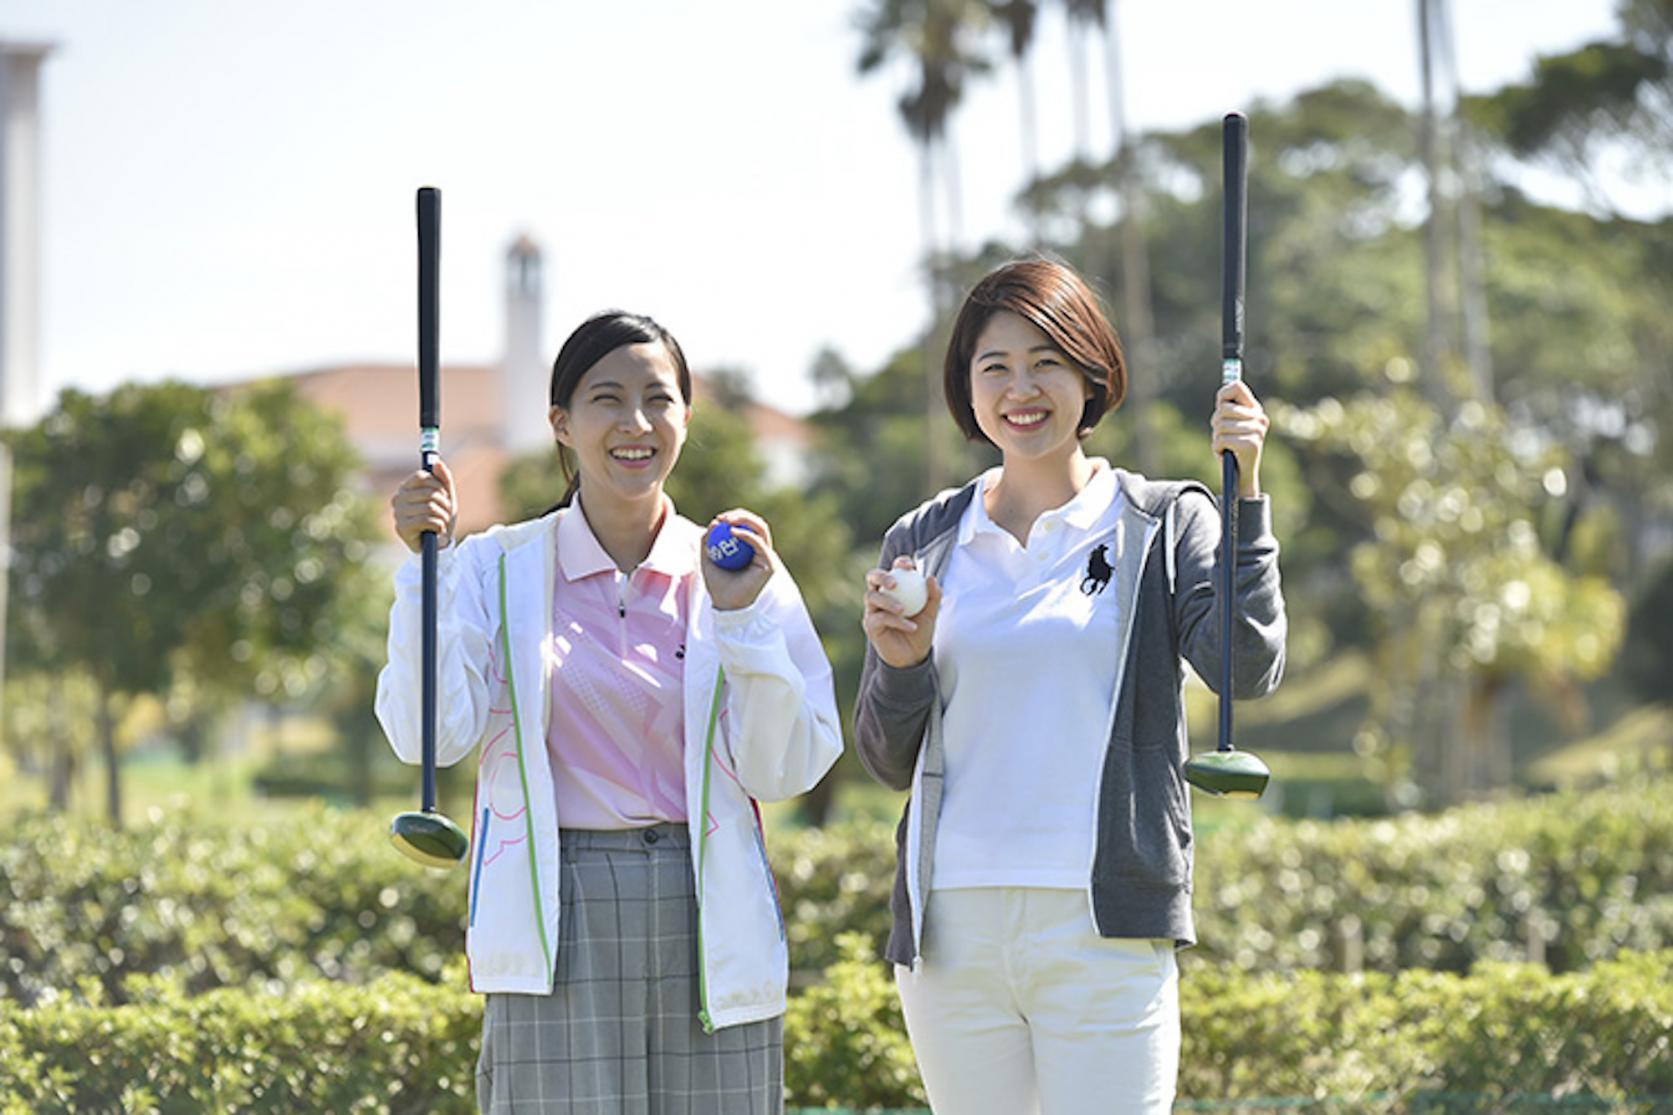 青島パークゴルフ体験-4